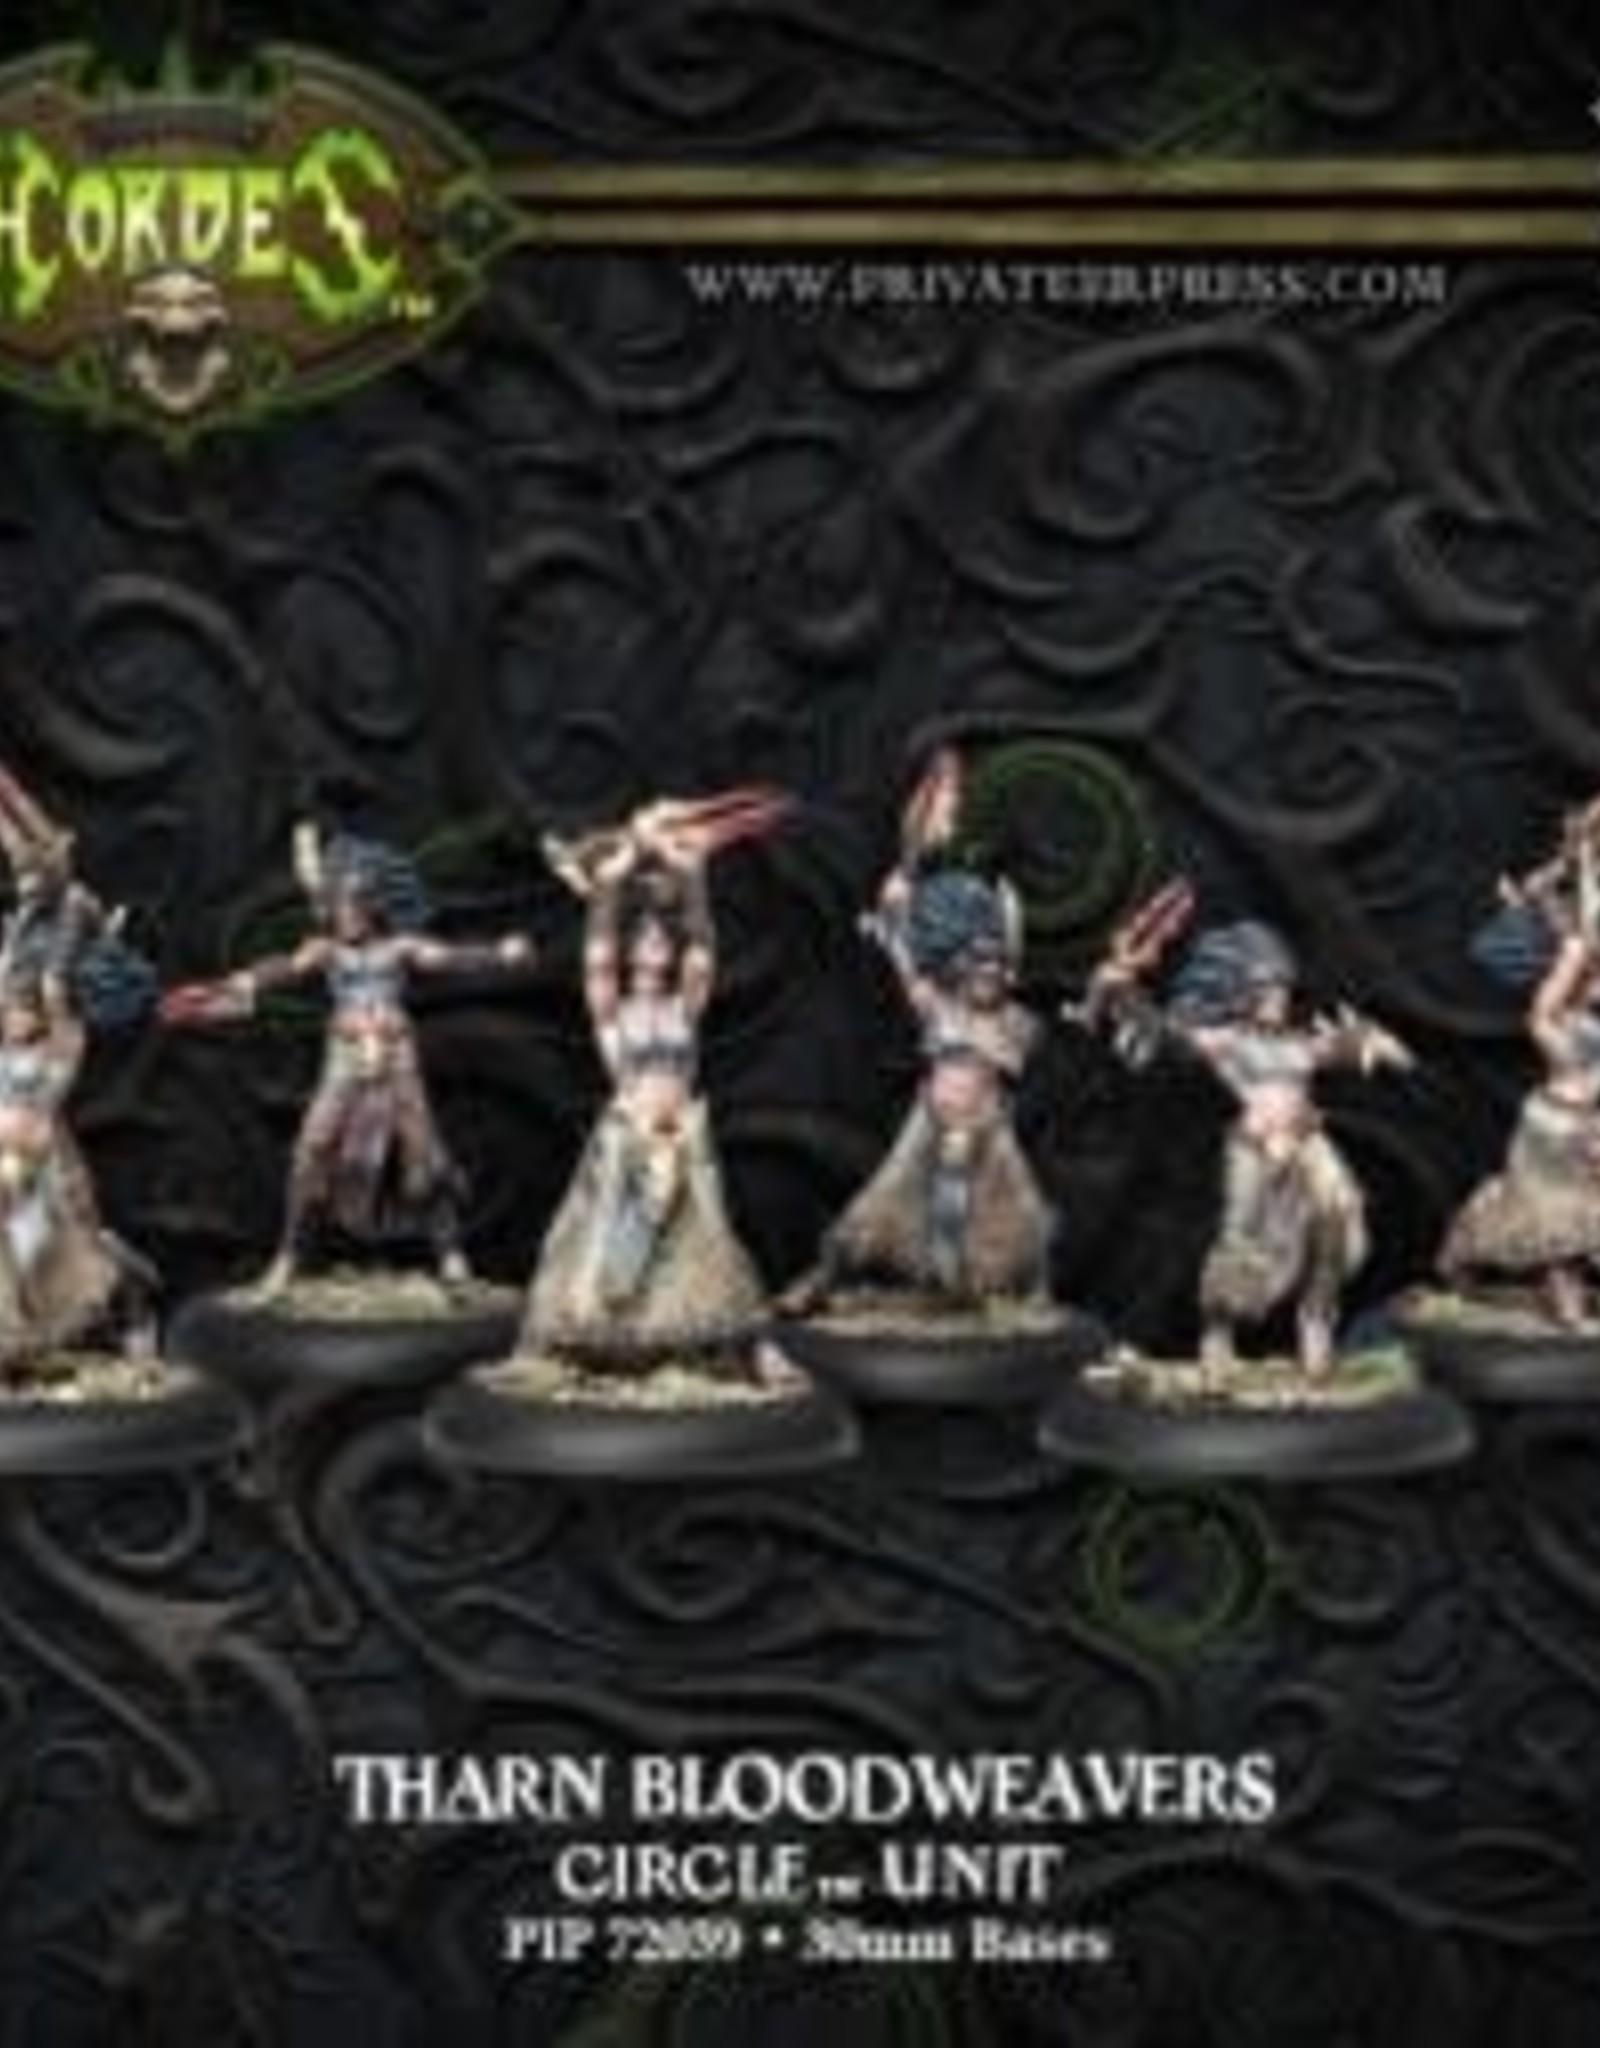 Hordes Circle - Tharn Bloodweavers